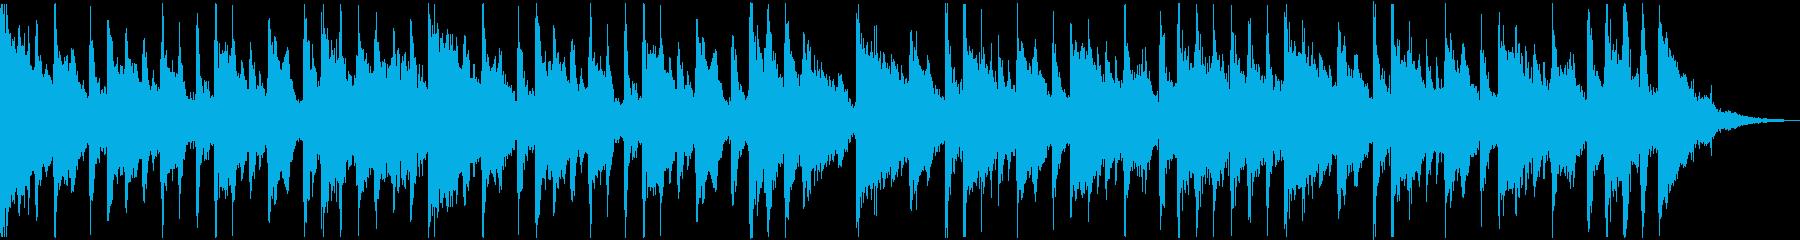 クラシカルなゴシックホラーワルツの再生済みの波形